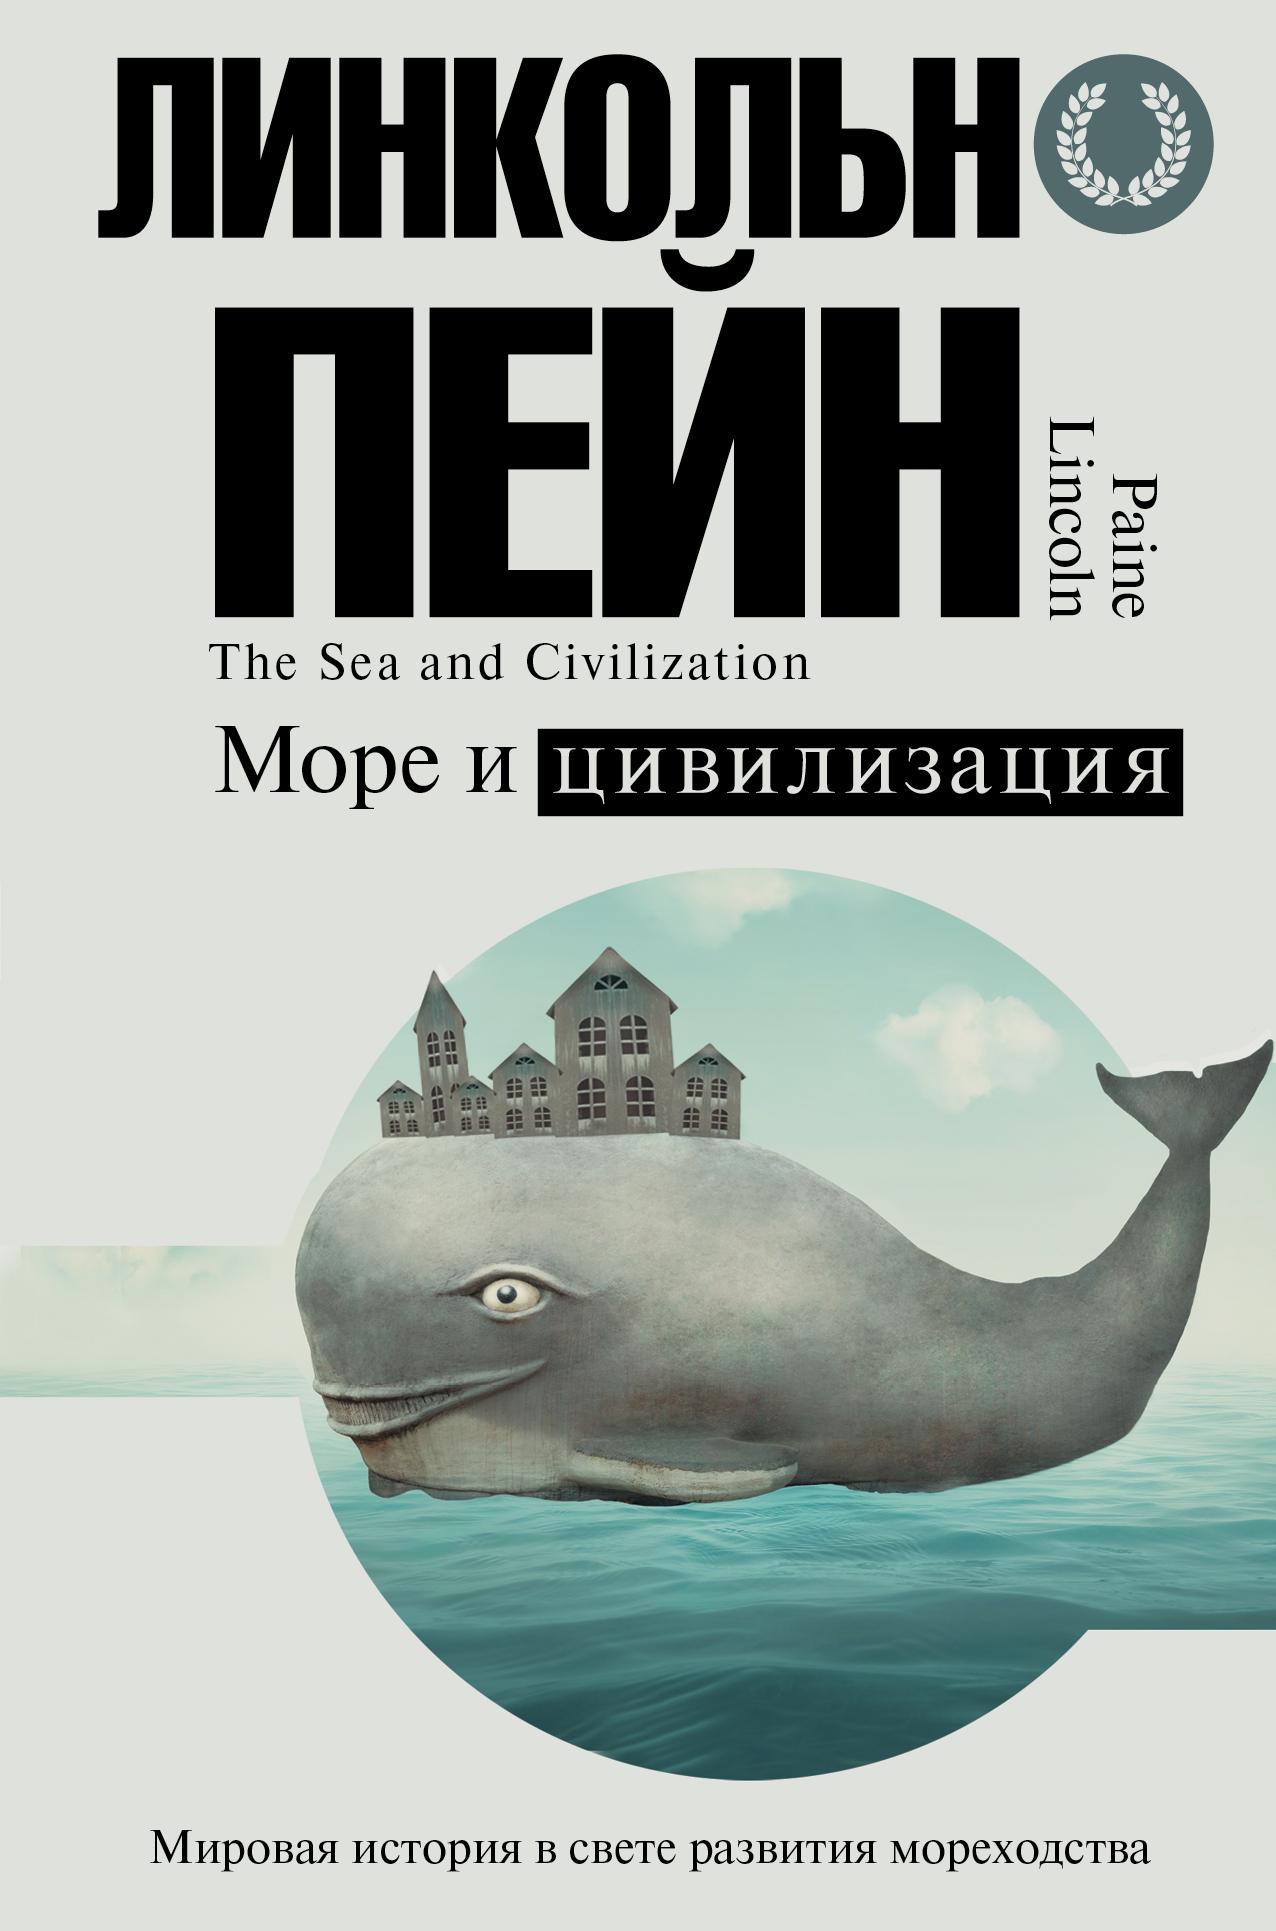 Пейн Линкольн Море и цивилизация. Мировая история в свете развития мореходства